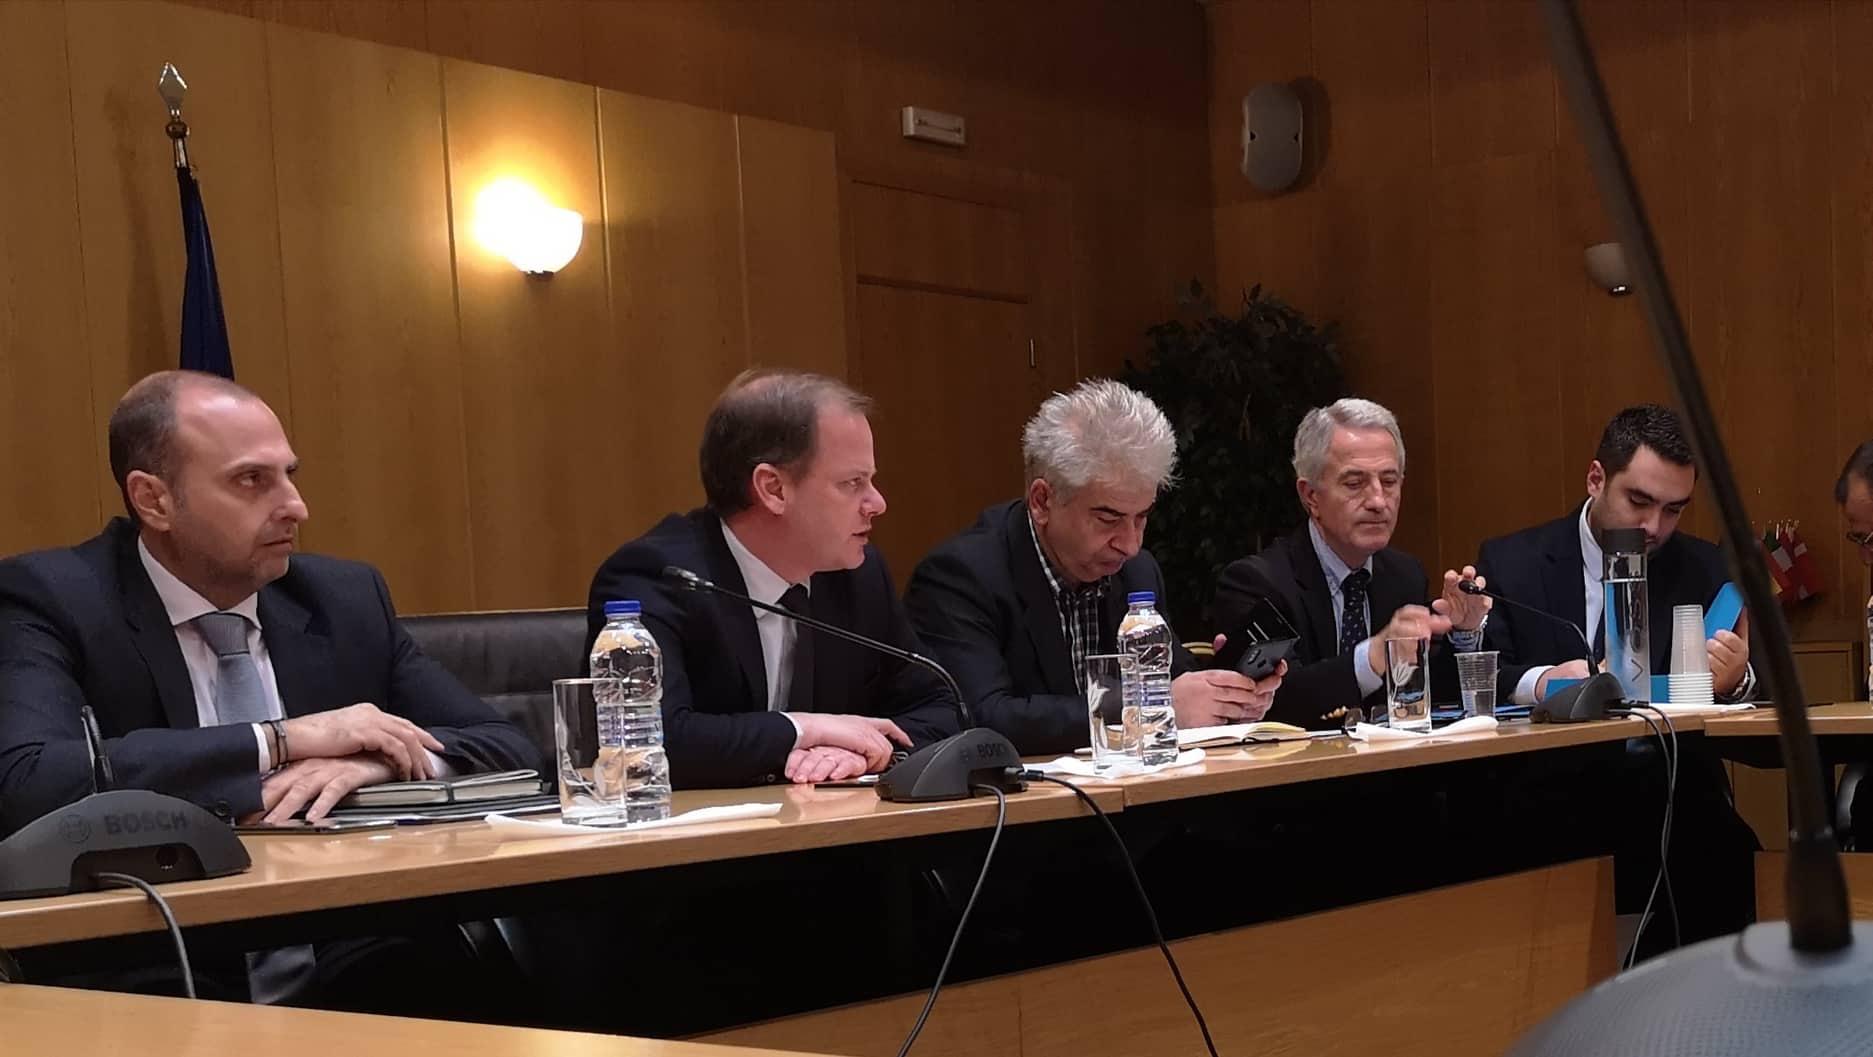 Τρένο: Ενημερώθηκε ο Δήμος και οι επικεφαλής των παρατάξεων - Εν αναμονή των επίσημων ανακοινώσεων του Υπουργείου Υποδομών